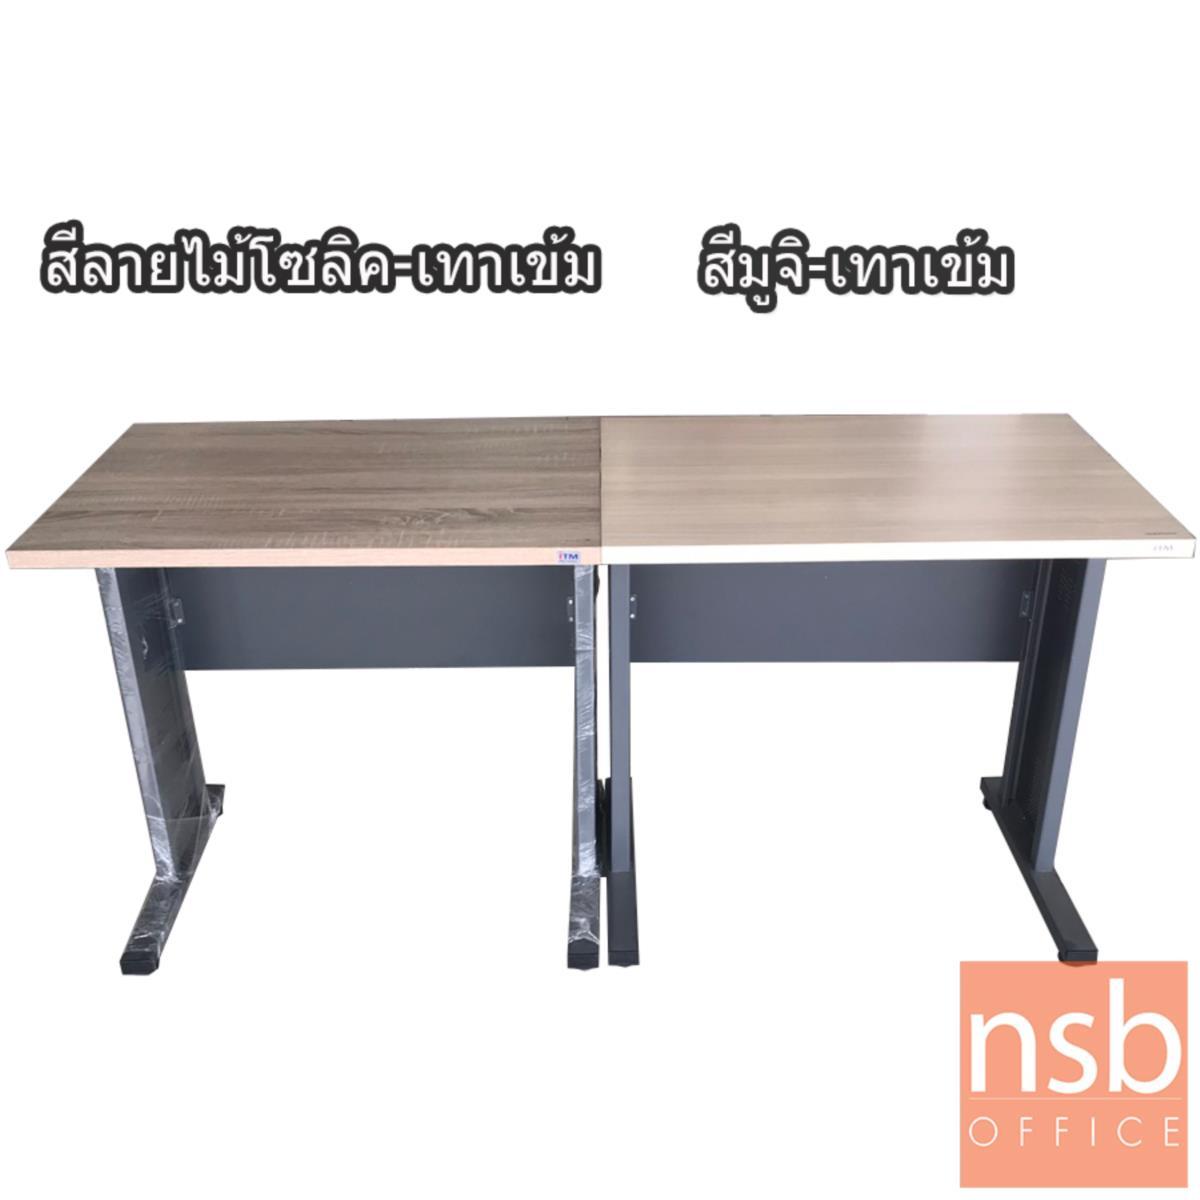 โต๊ะทำงาน 3 ลิ้นชัก  รุ่น Cybrog (ไซบอร์ค) ขนาด 150W cm. ขาเหล็ก  สีโซลิคตัดเทาเข้มหรือสีมูจิตัดเทาเข้ม